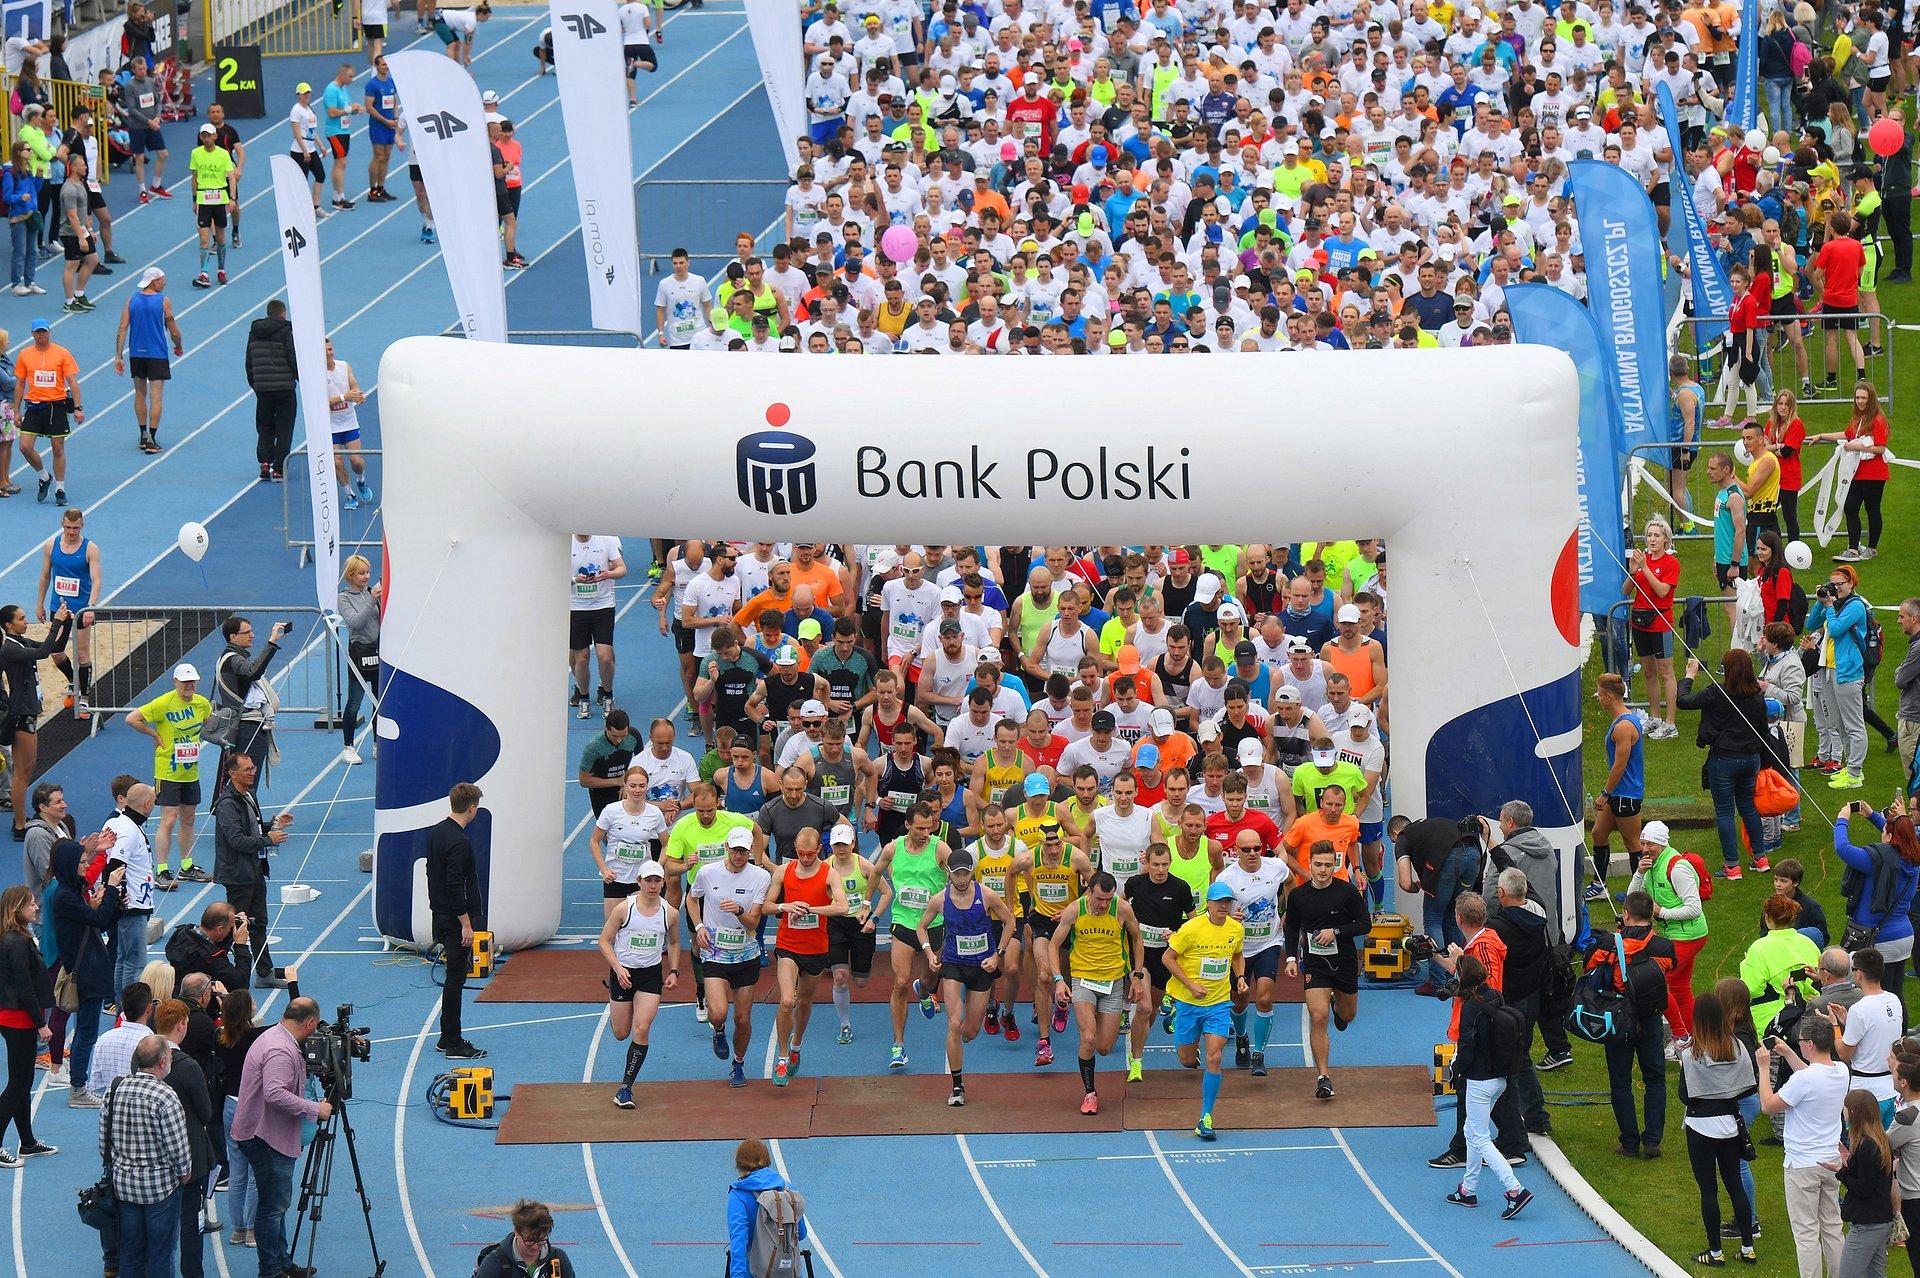 Ponad 3 tysiące uczestników 2. PKO Bydgoskiego Festiwalu Biegowego